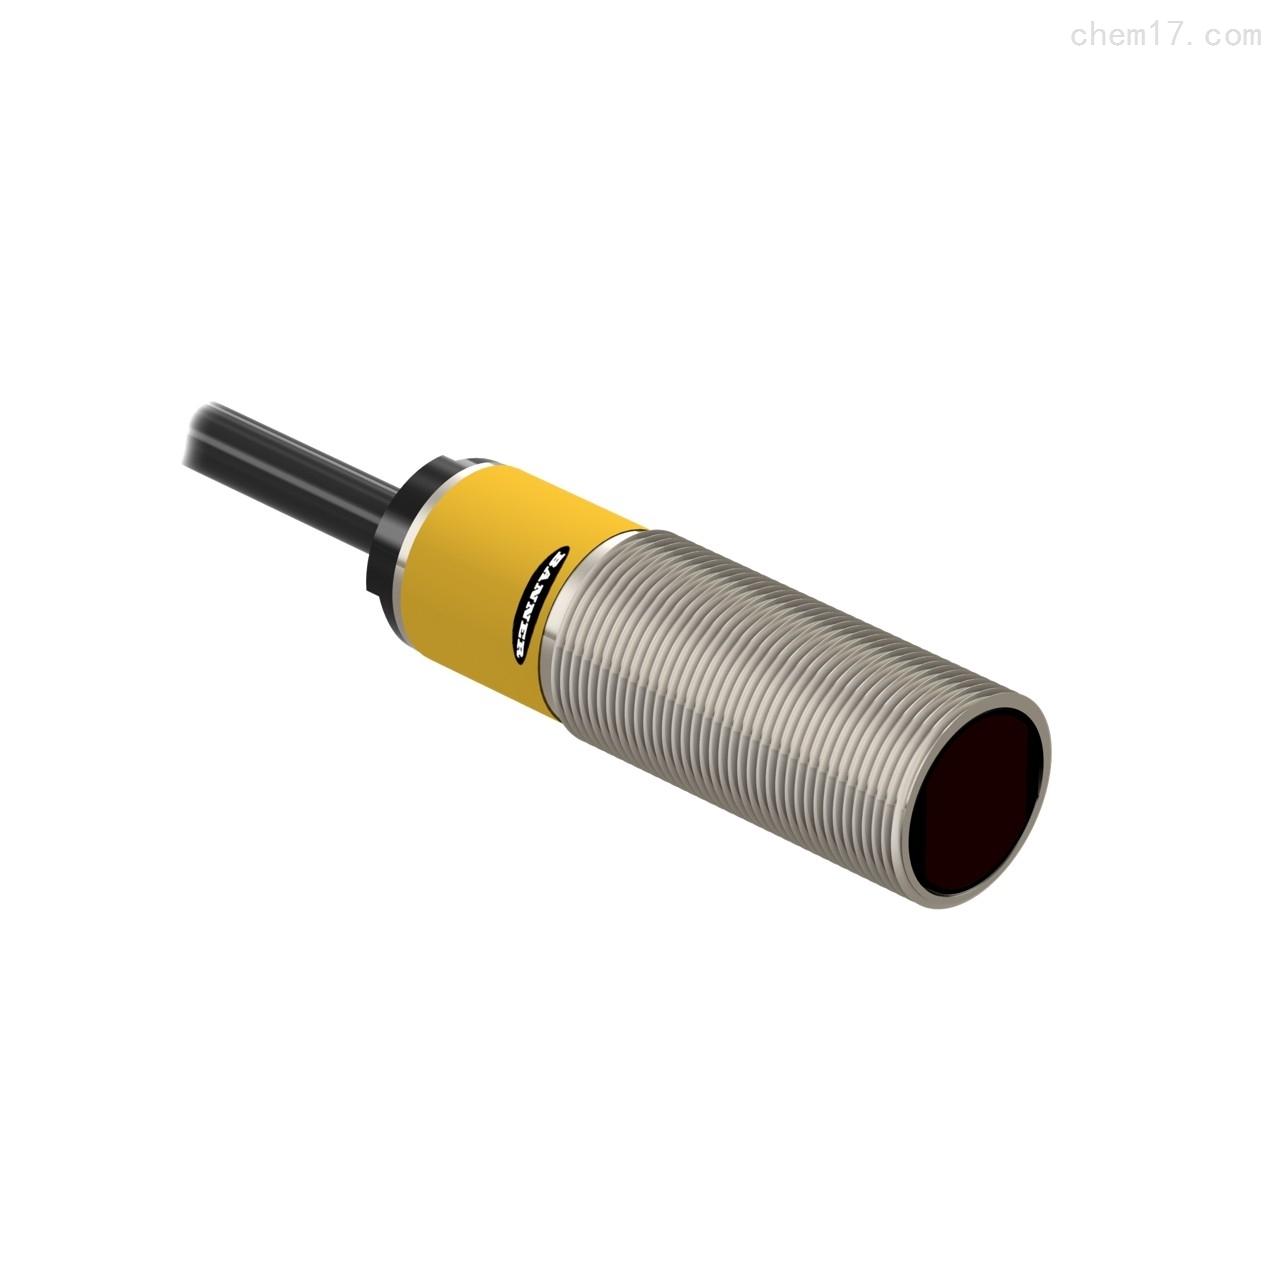 美国邦纳BANNER直径18毫米金属圆柱形传感器